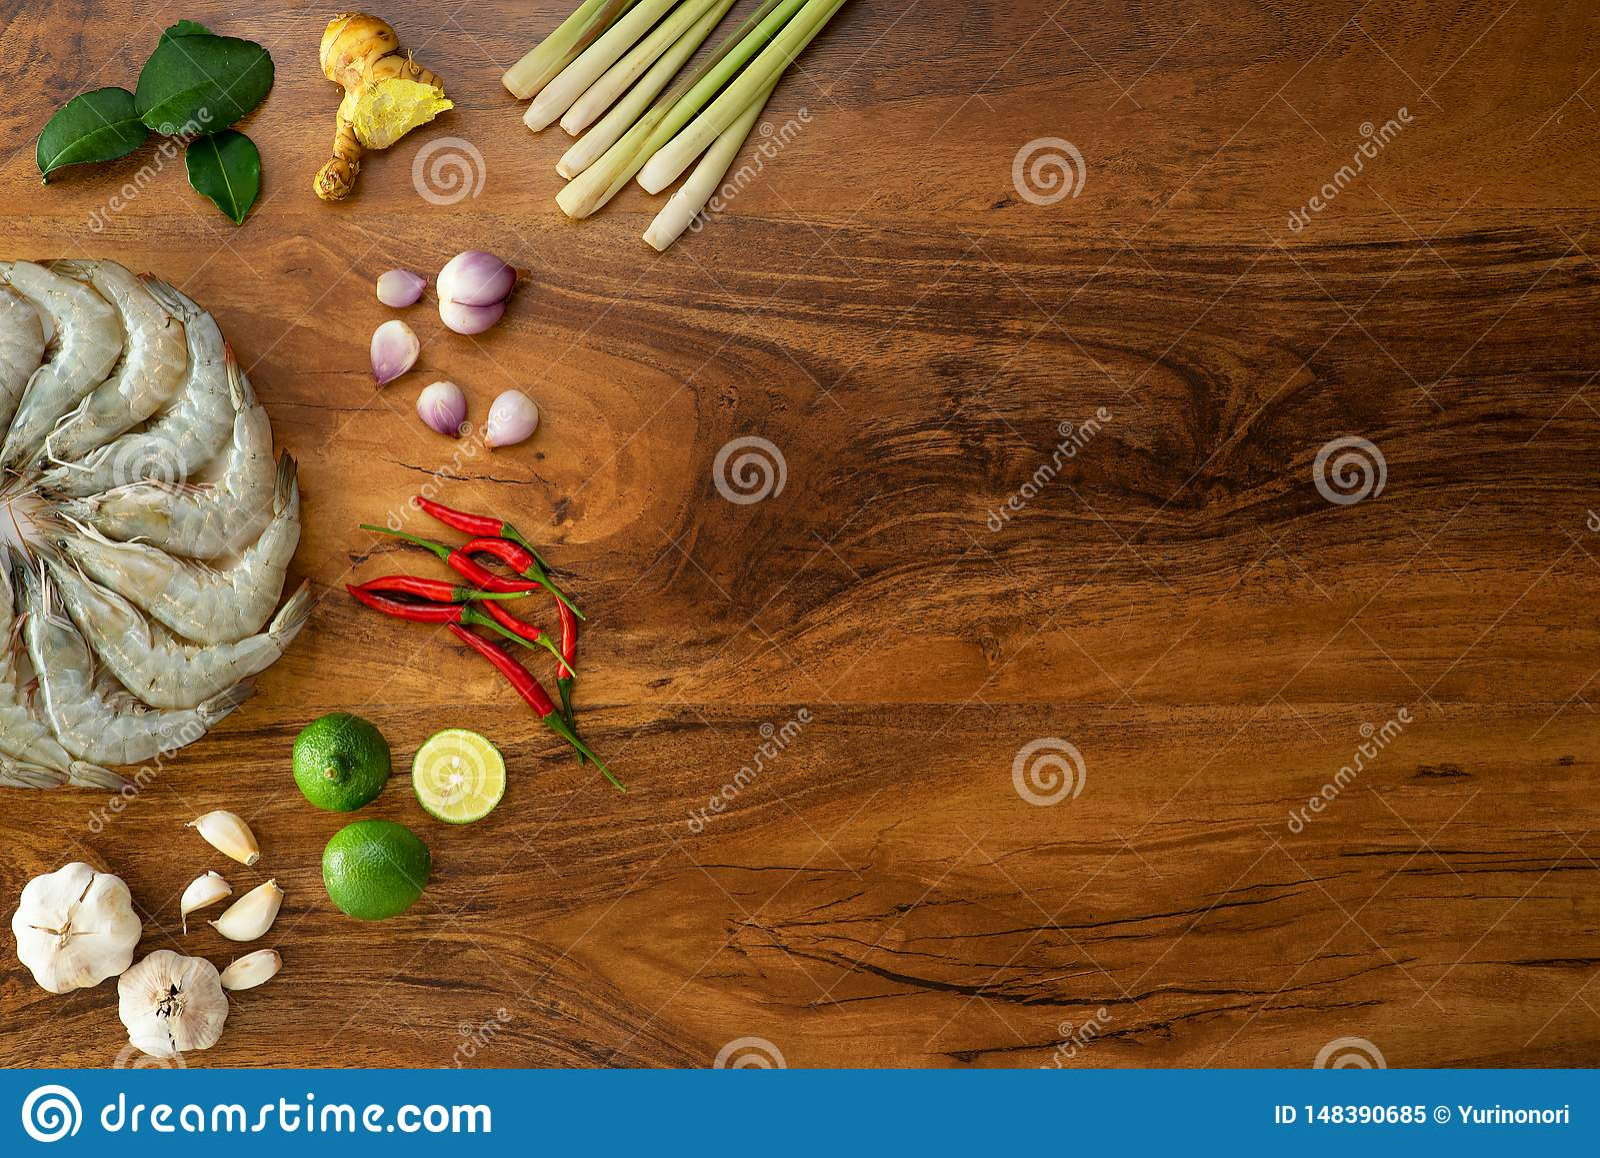 Camar?n crudo fresco en un plato blanco e ingredientes el cocinar para tom yum en el fondo de madera, visi?n superior